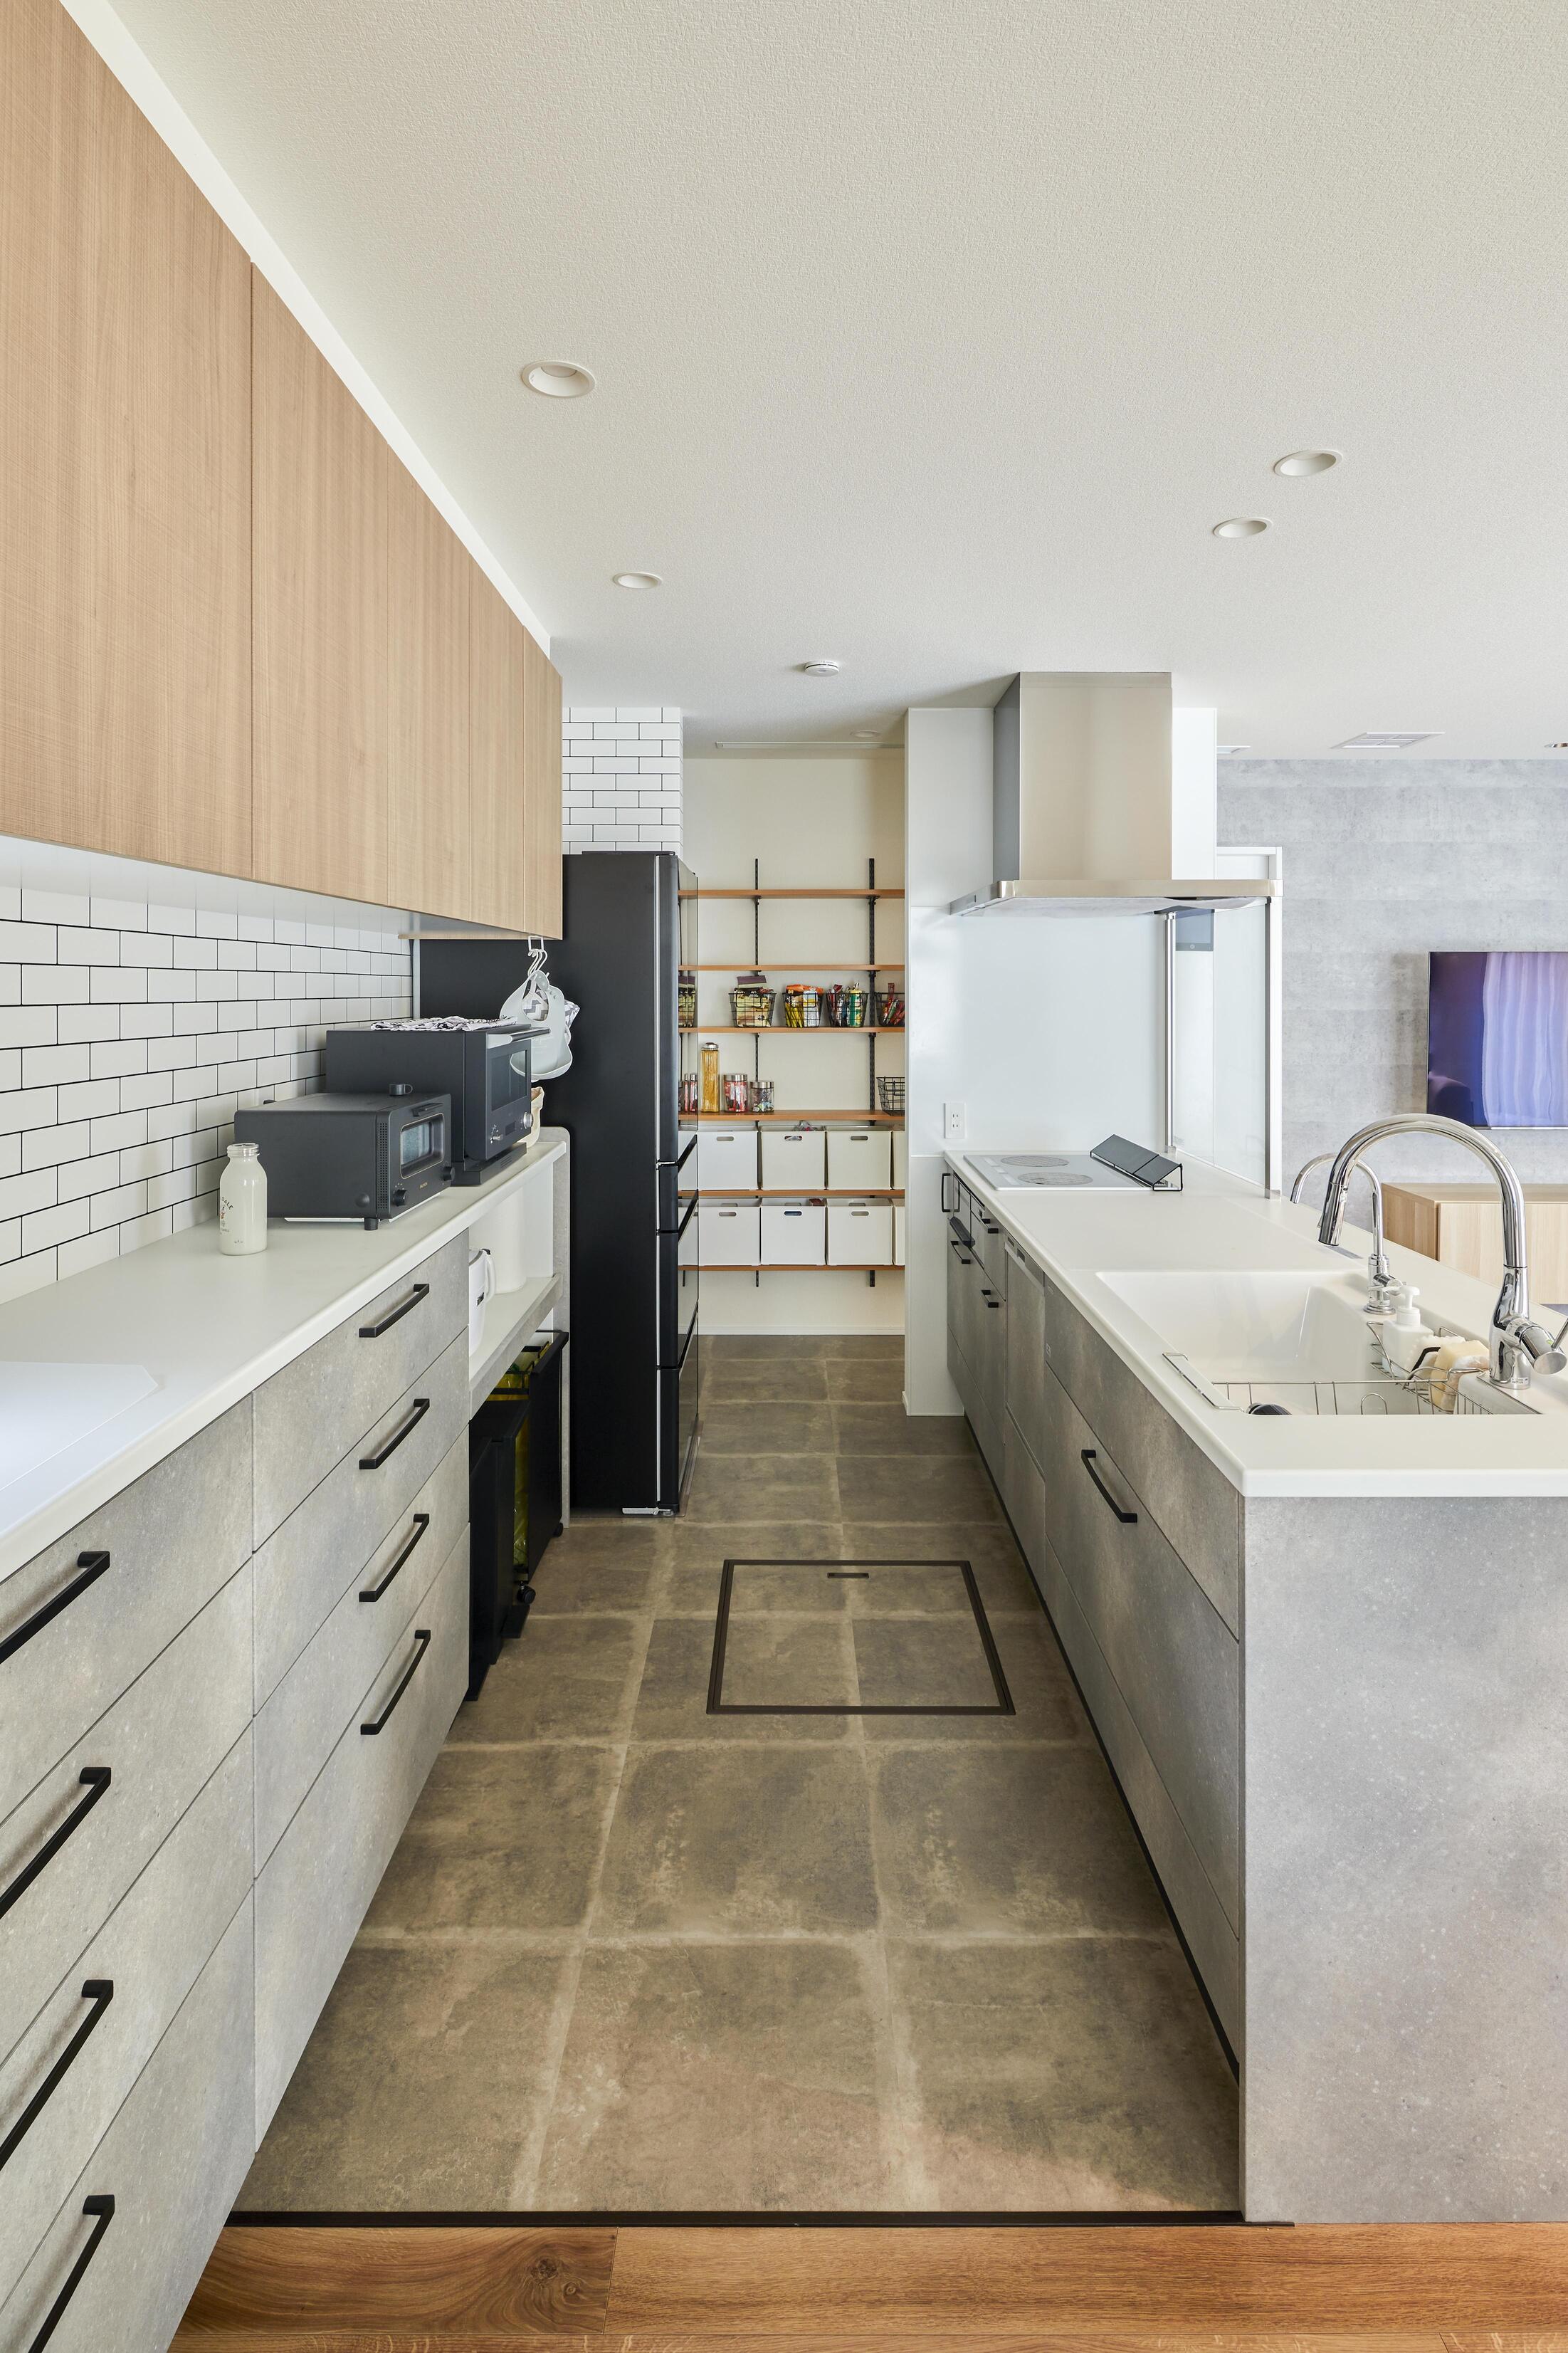 コンクリート調、タイル調、木質調を絶妙なバランスで織り交ぜたキッチンに。奥にはパントリーが設計されている